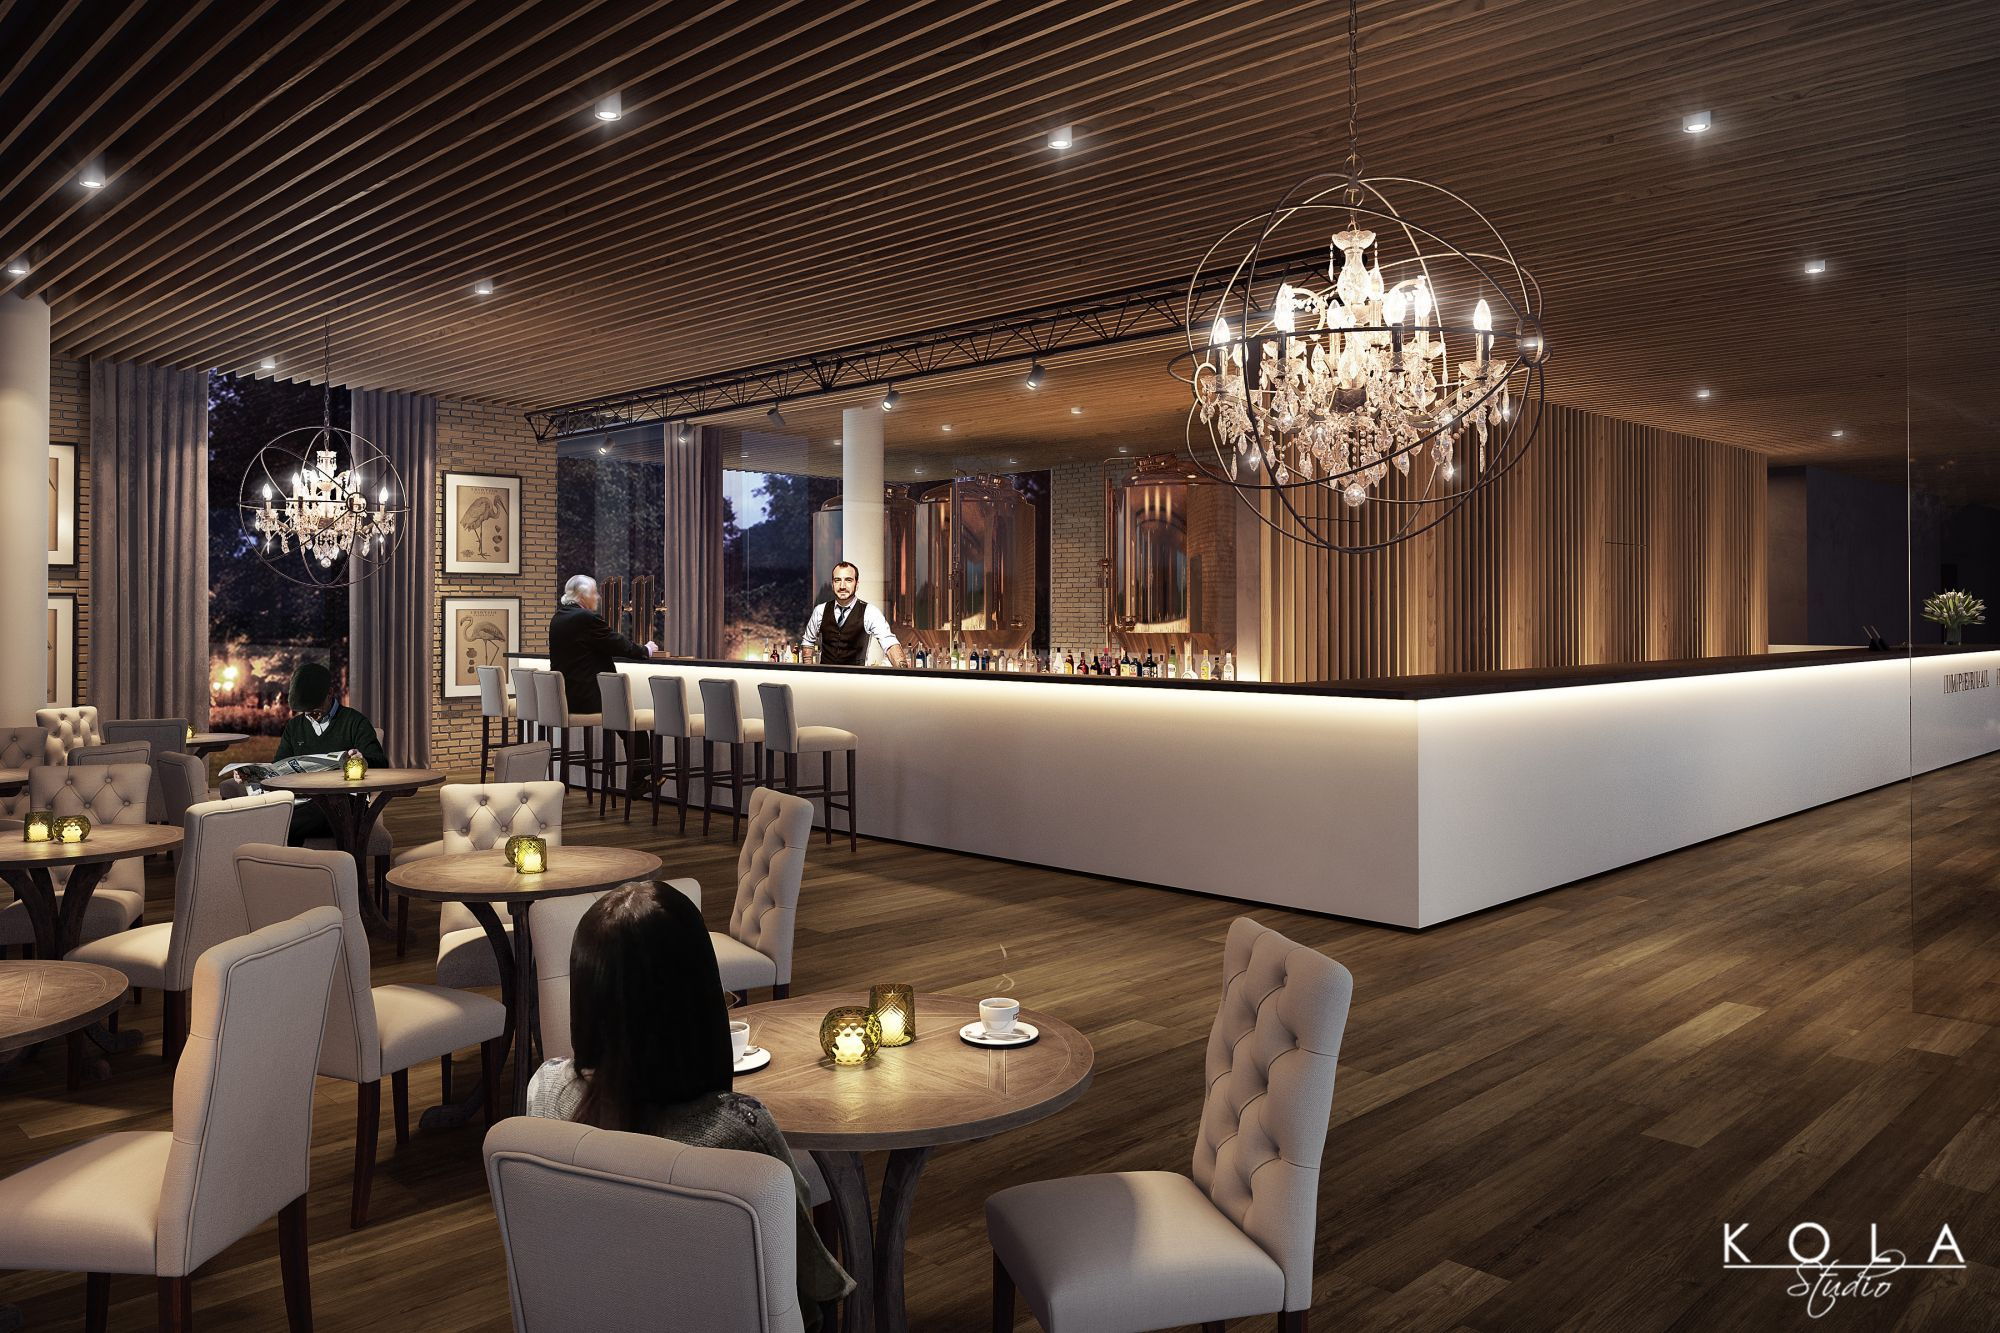 Hotel Di Lusso Interni : Cgarchitect professional 3d architectural visualization user